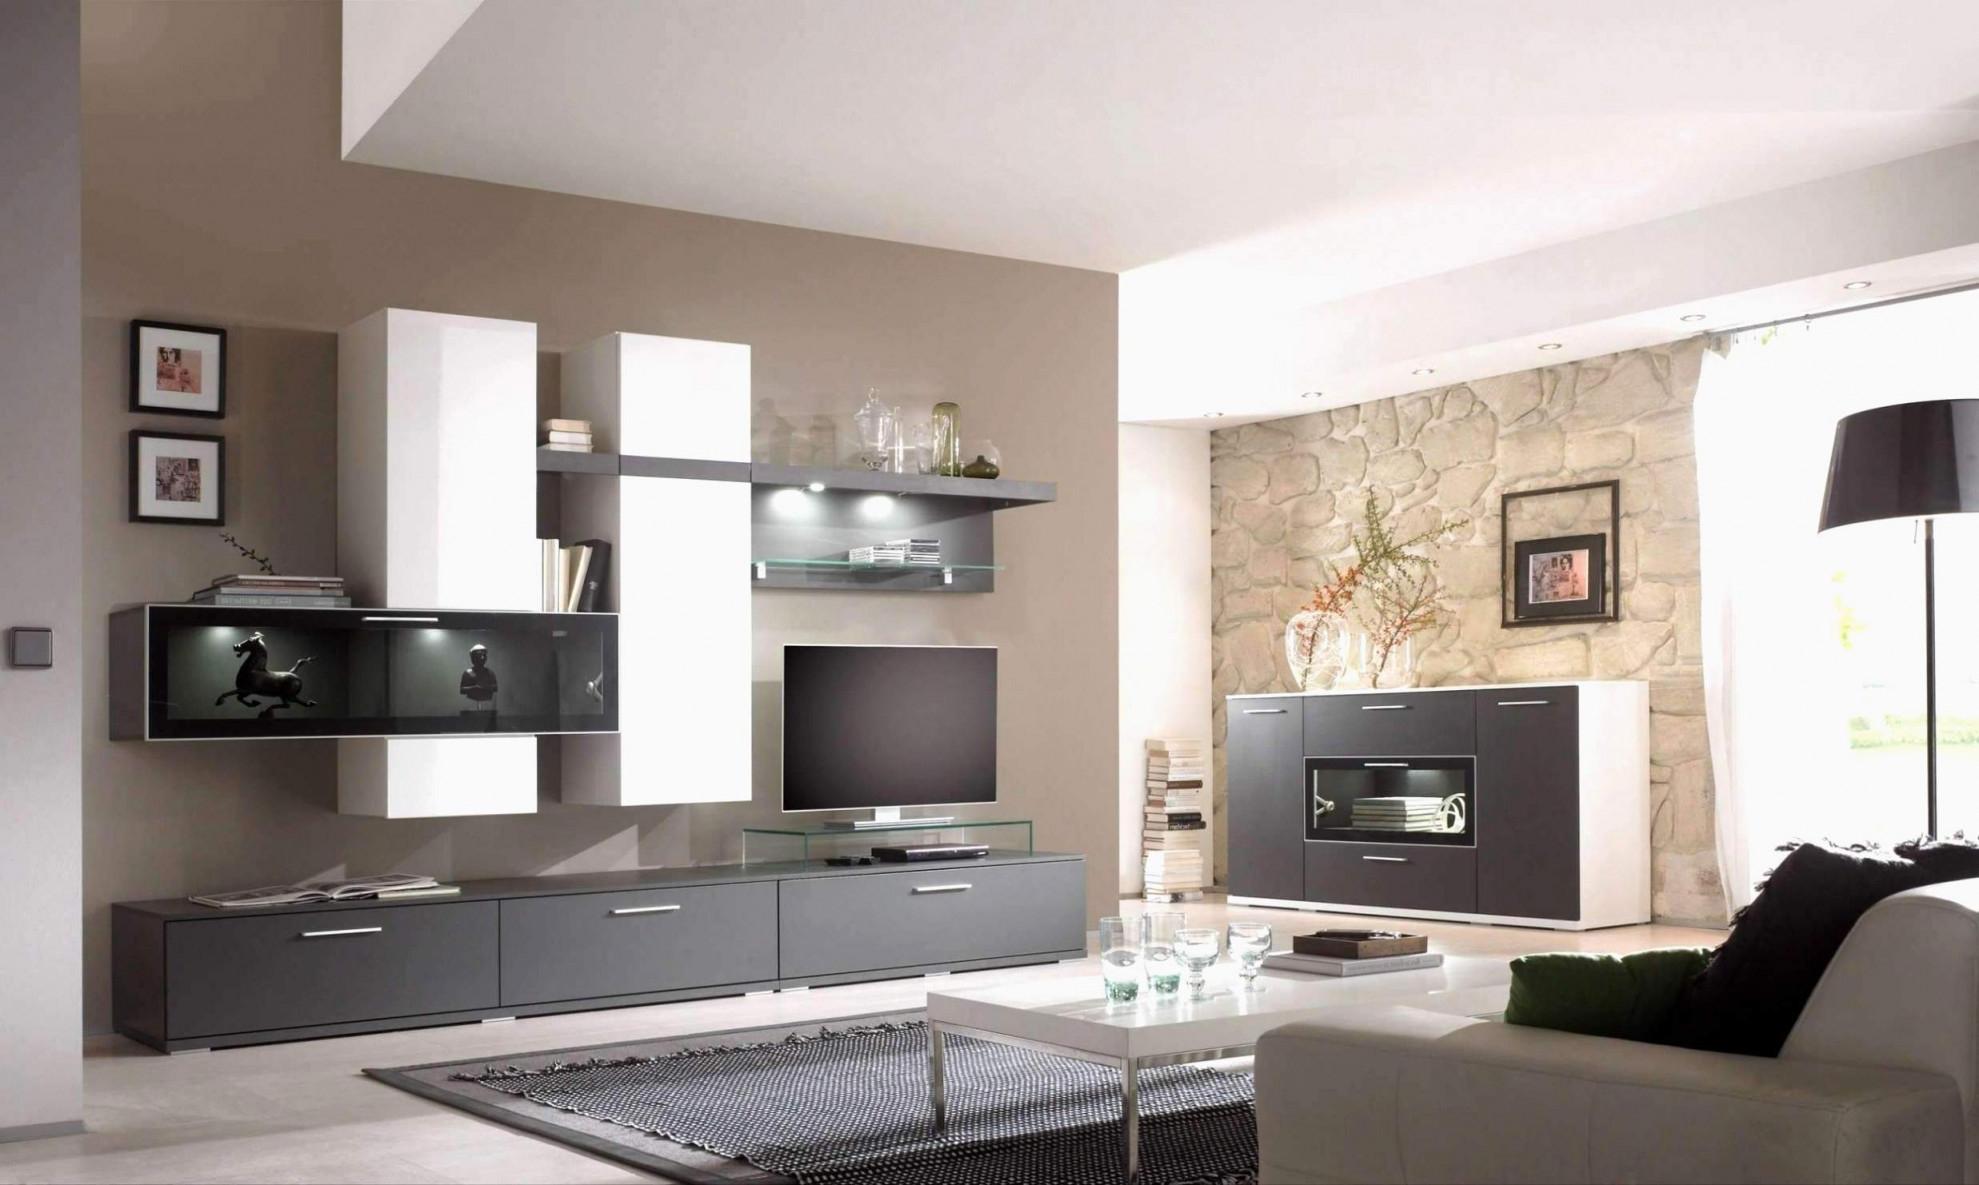 31 Neu Wohnzimmer Streichen Ideen Streifen Einzigartig von Ideen Wohnzimmer Wände Gestalten Photo